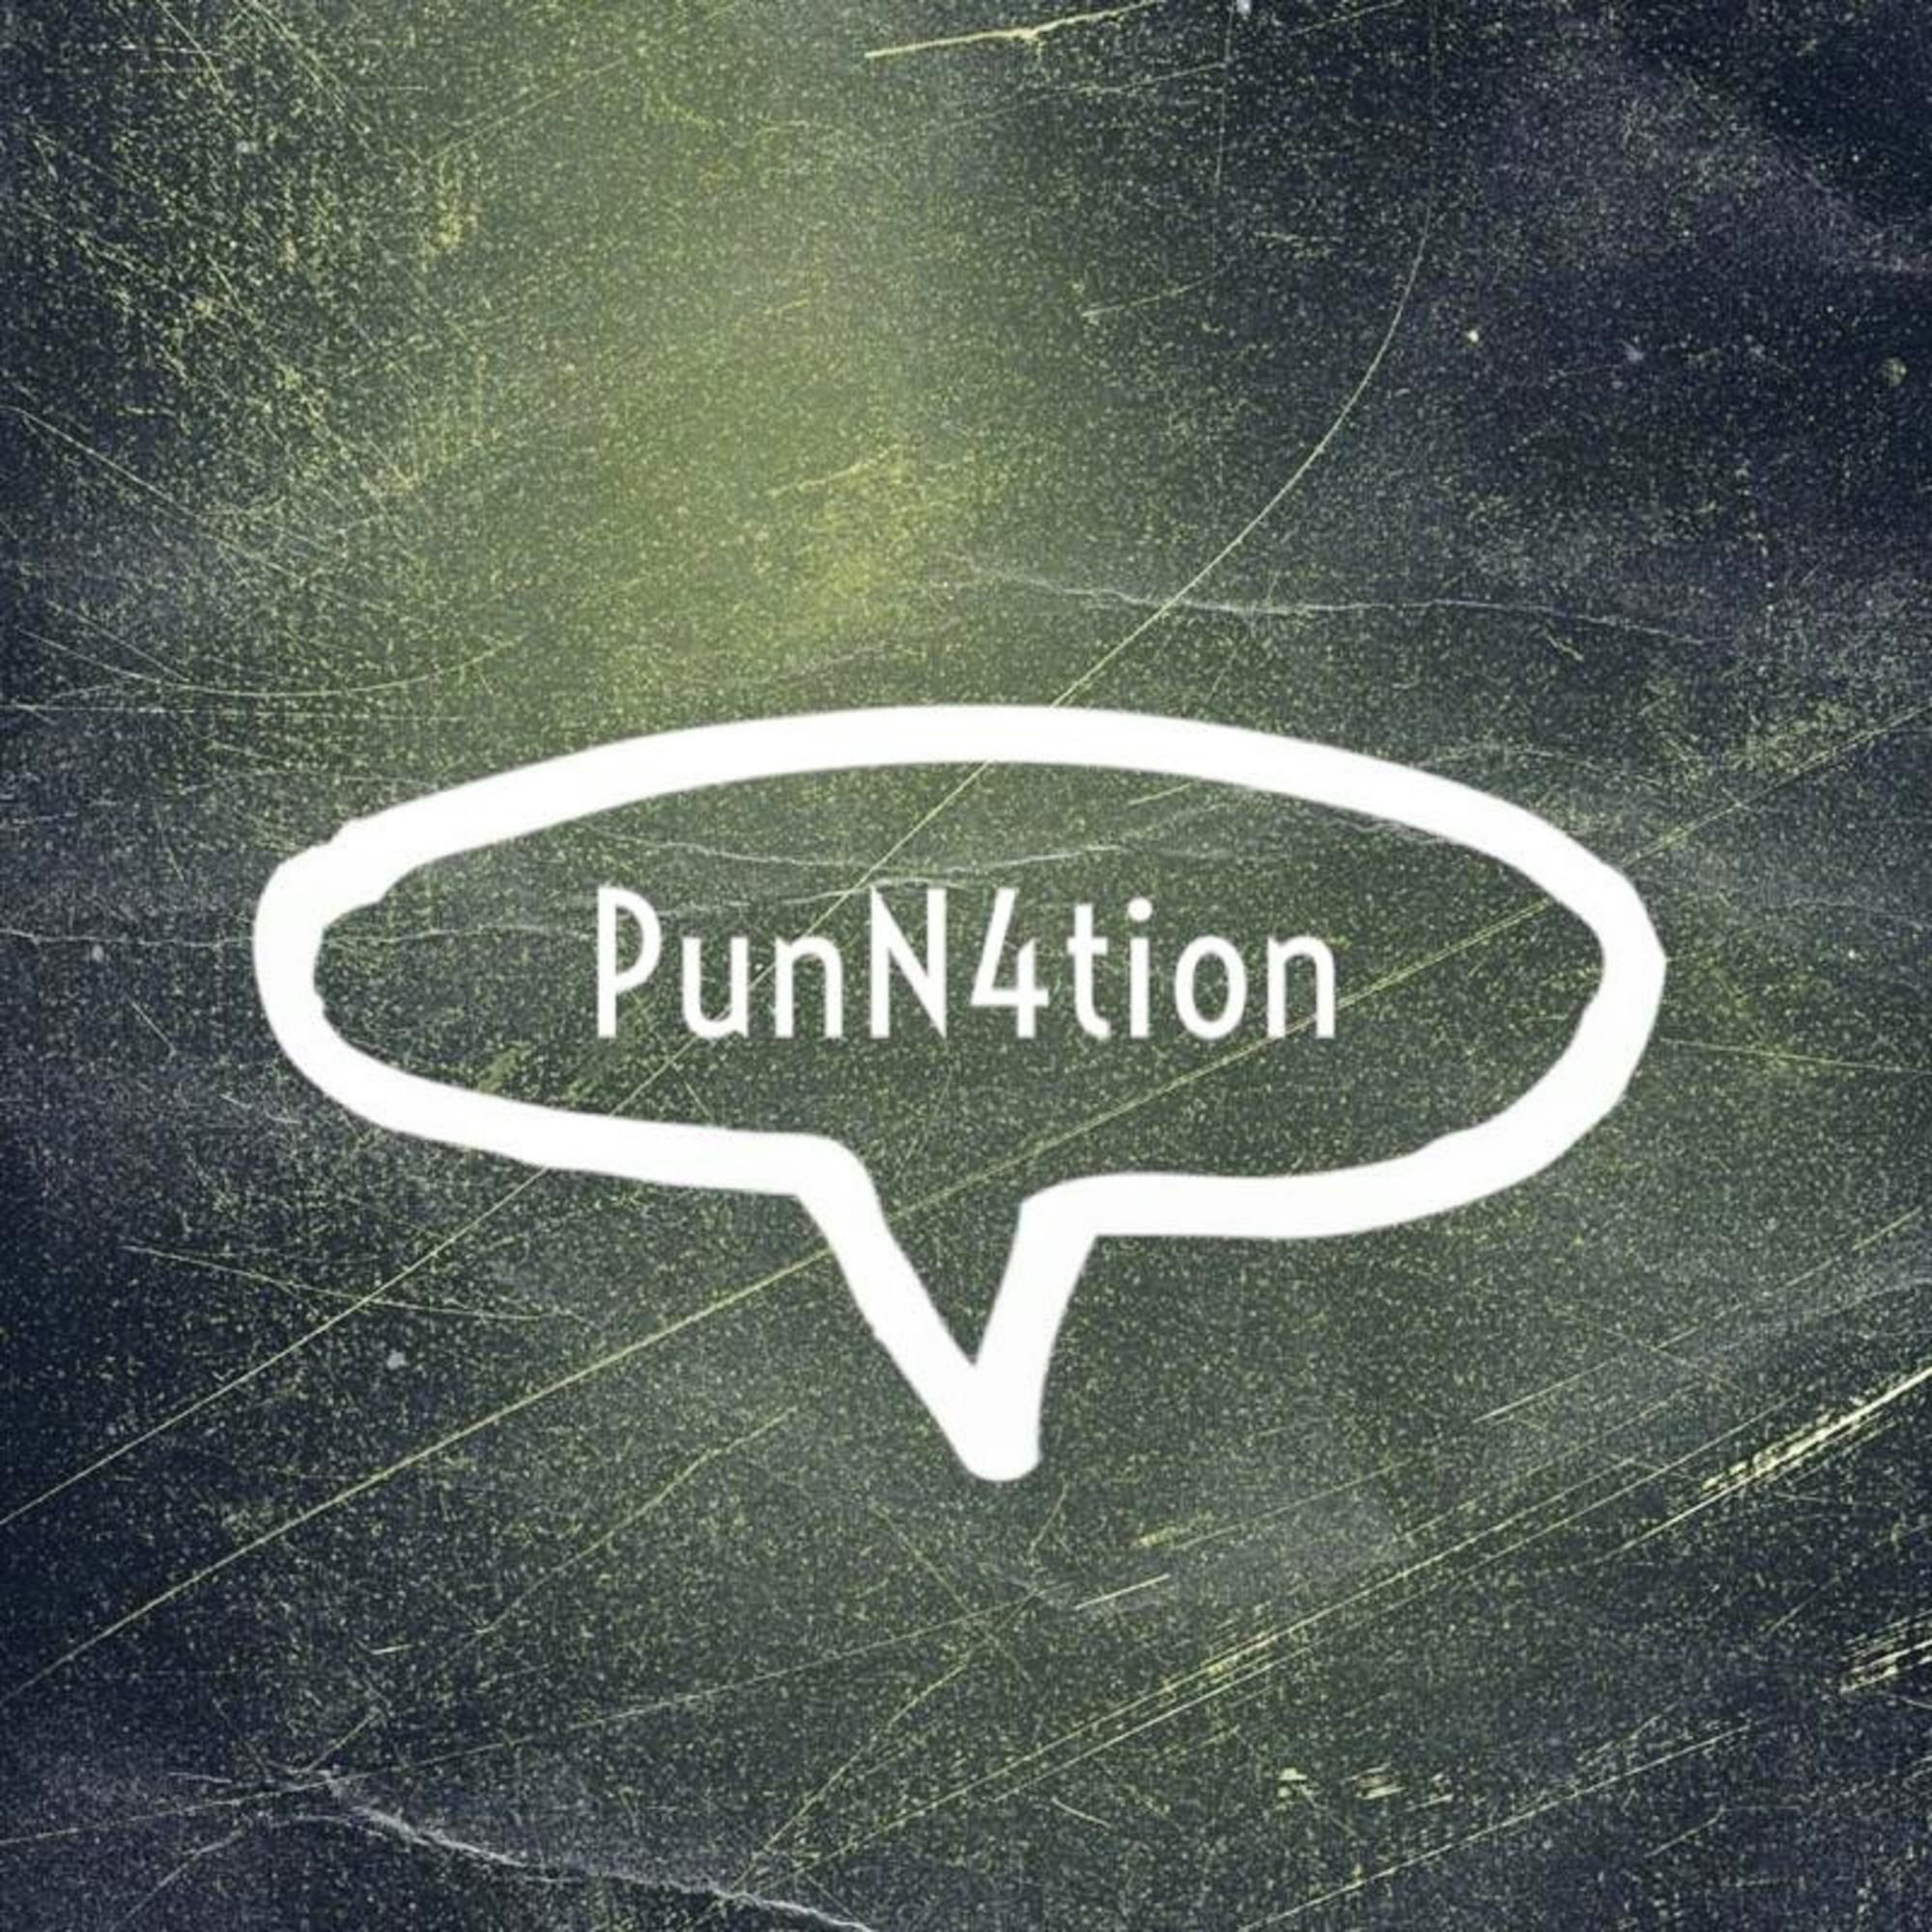 PunN4tion